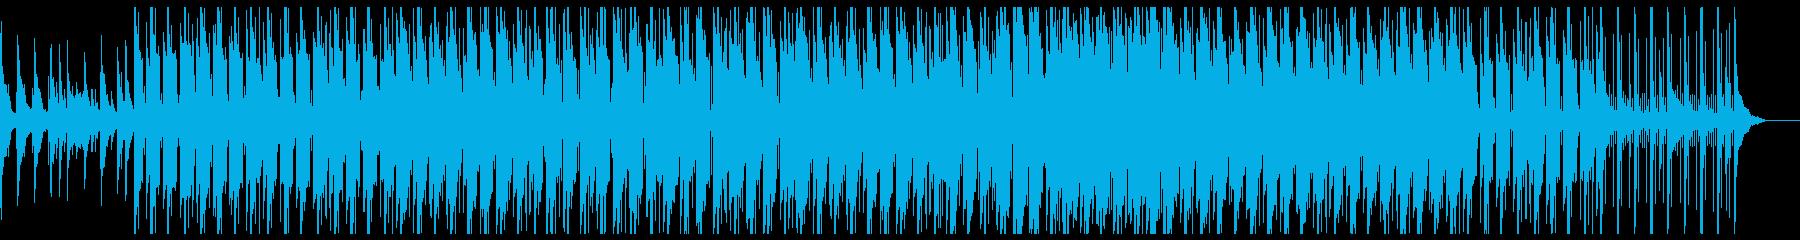 ジャジーなLo-Fi アナログノイズ無しの再生済みの波形